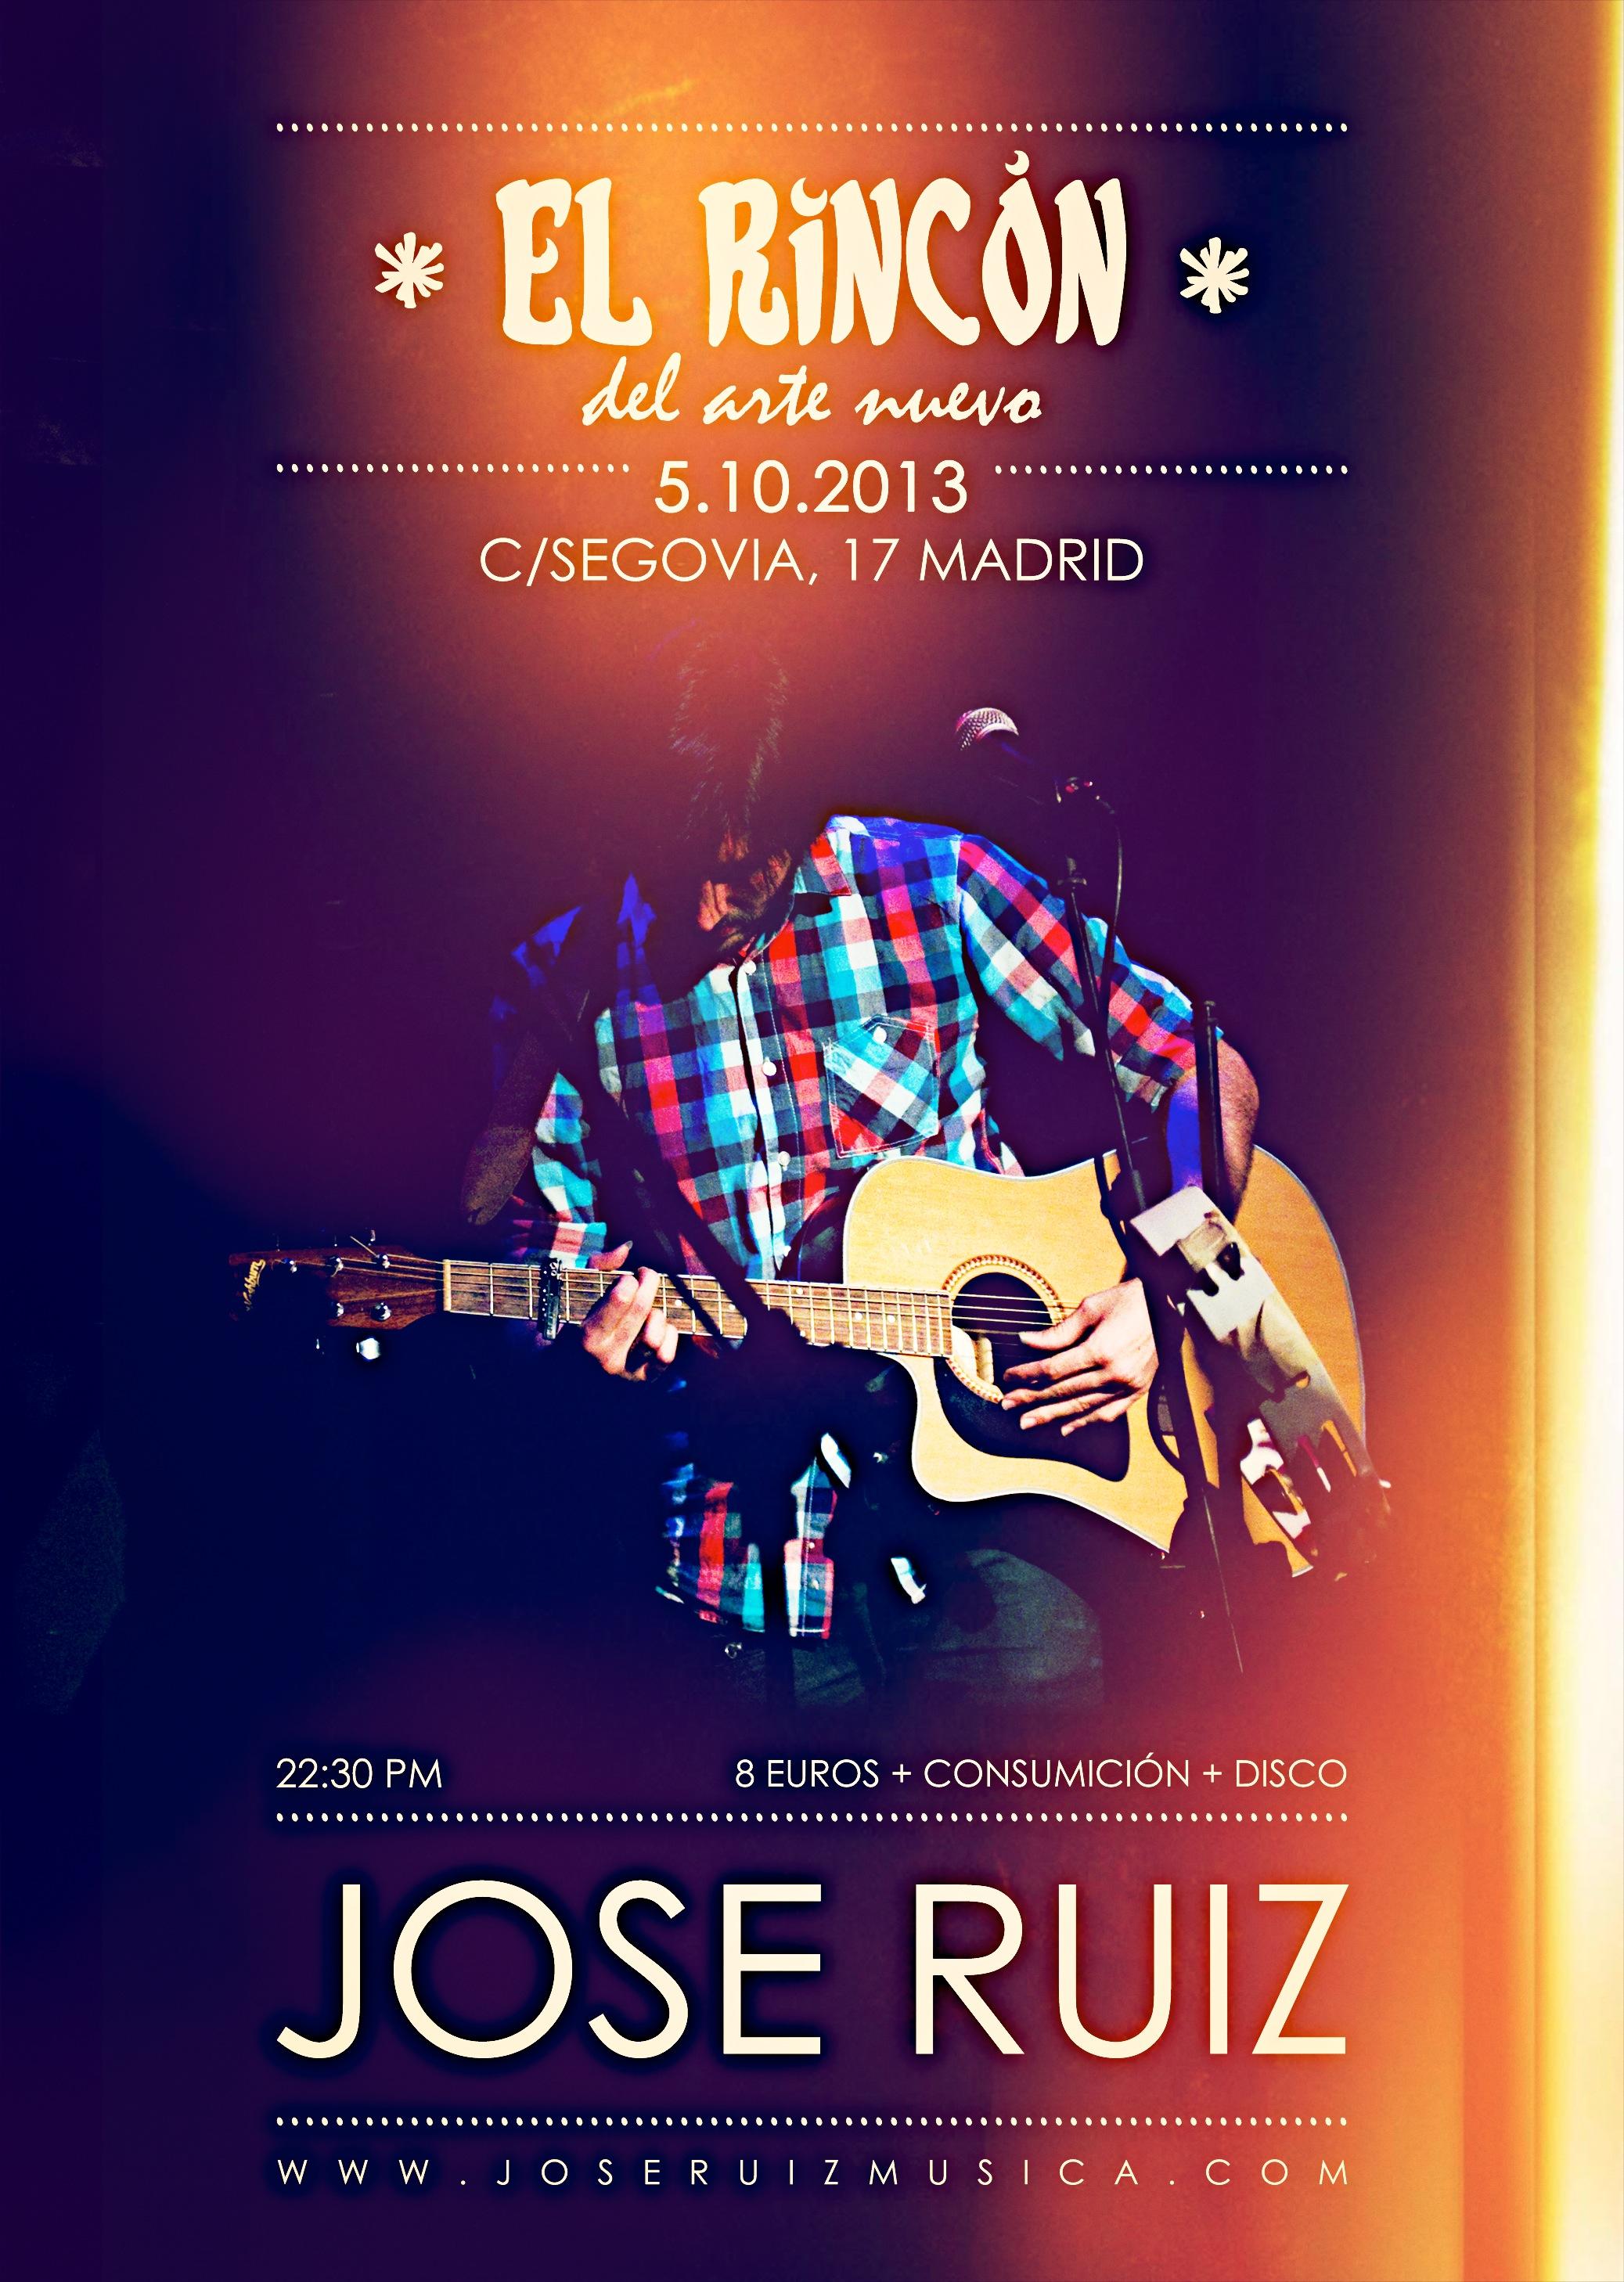 Cartel del concierto de Jose Ruiz